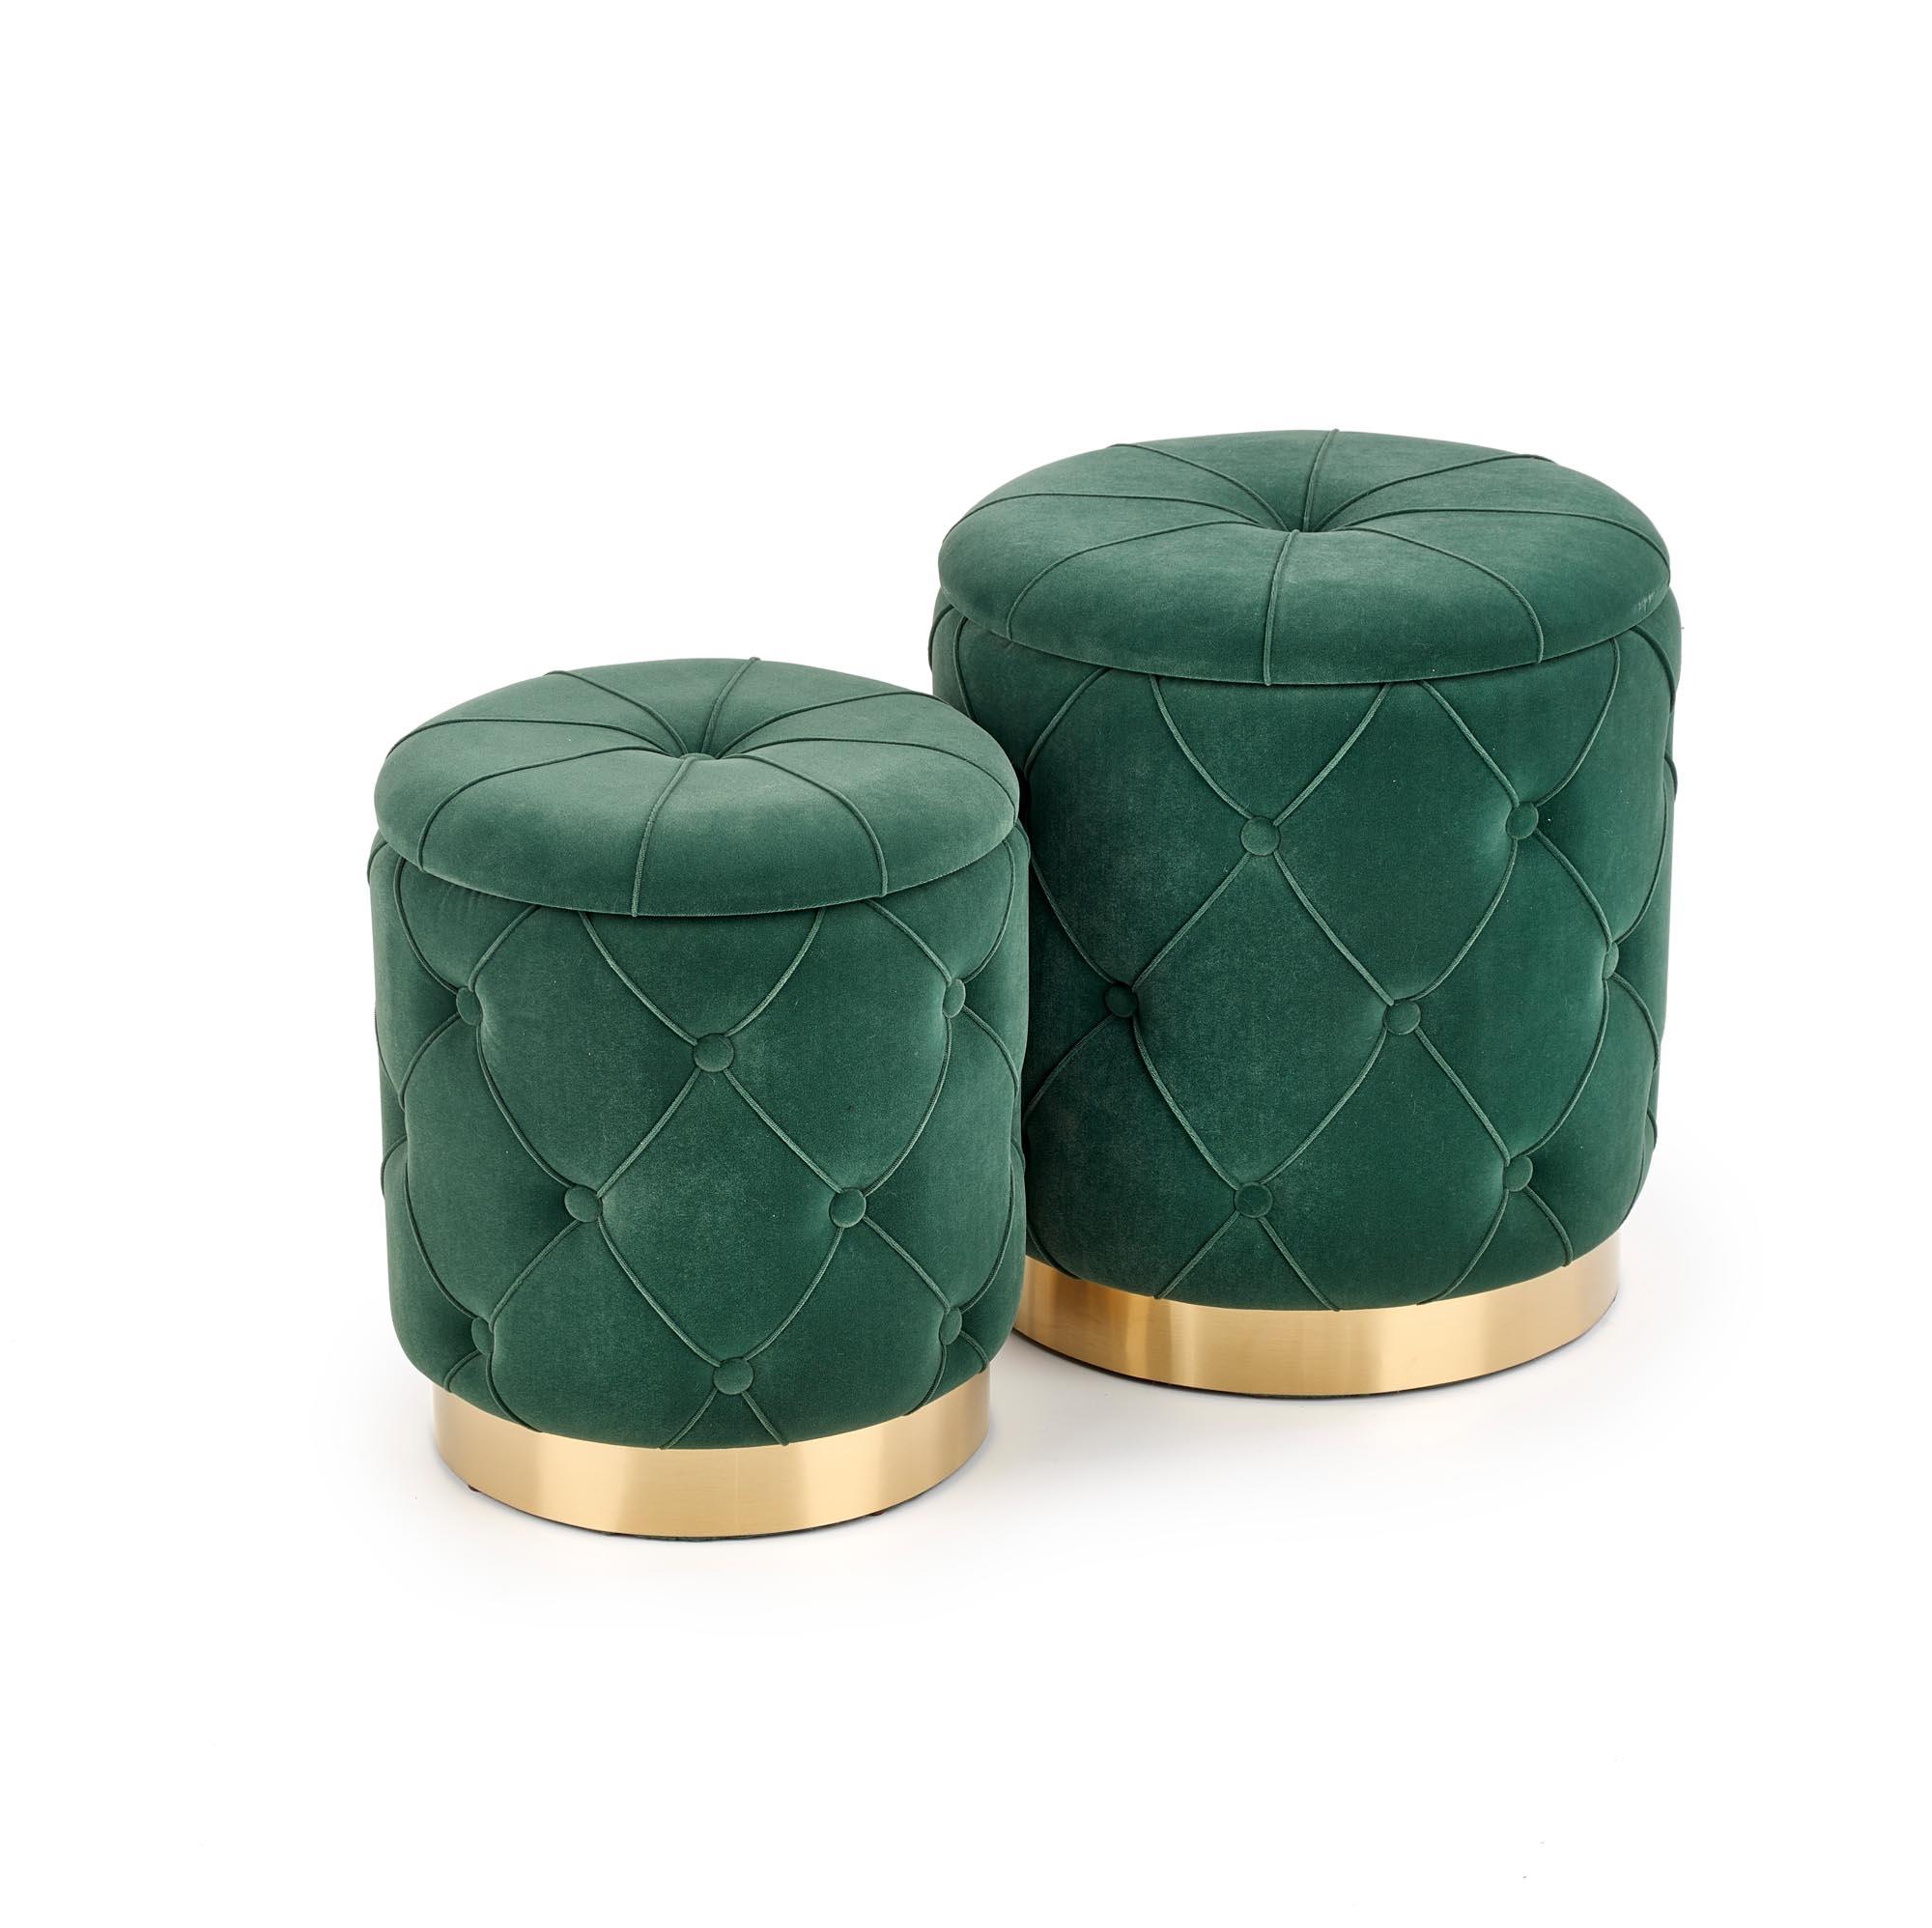 Set 2 taburete tapitate cu stofa si spatiu de depozitare Polly Verde inchis, Ø40xH44 / Ø33xH38 cm imagine